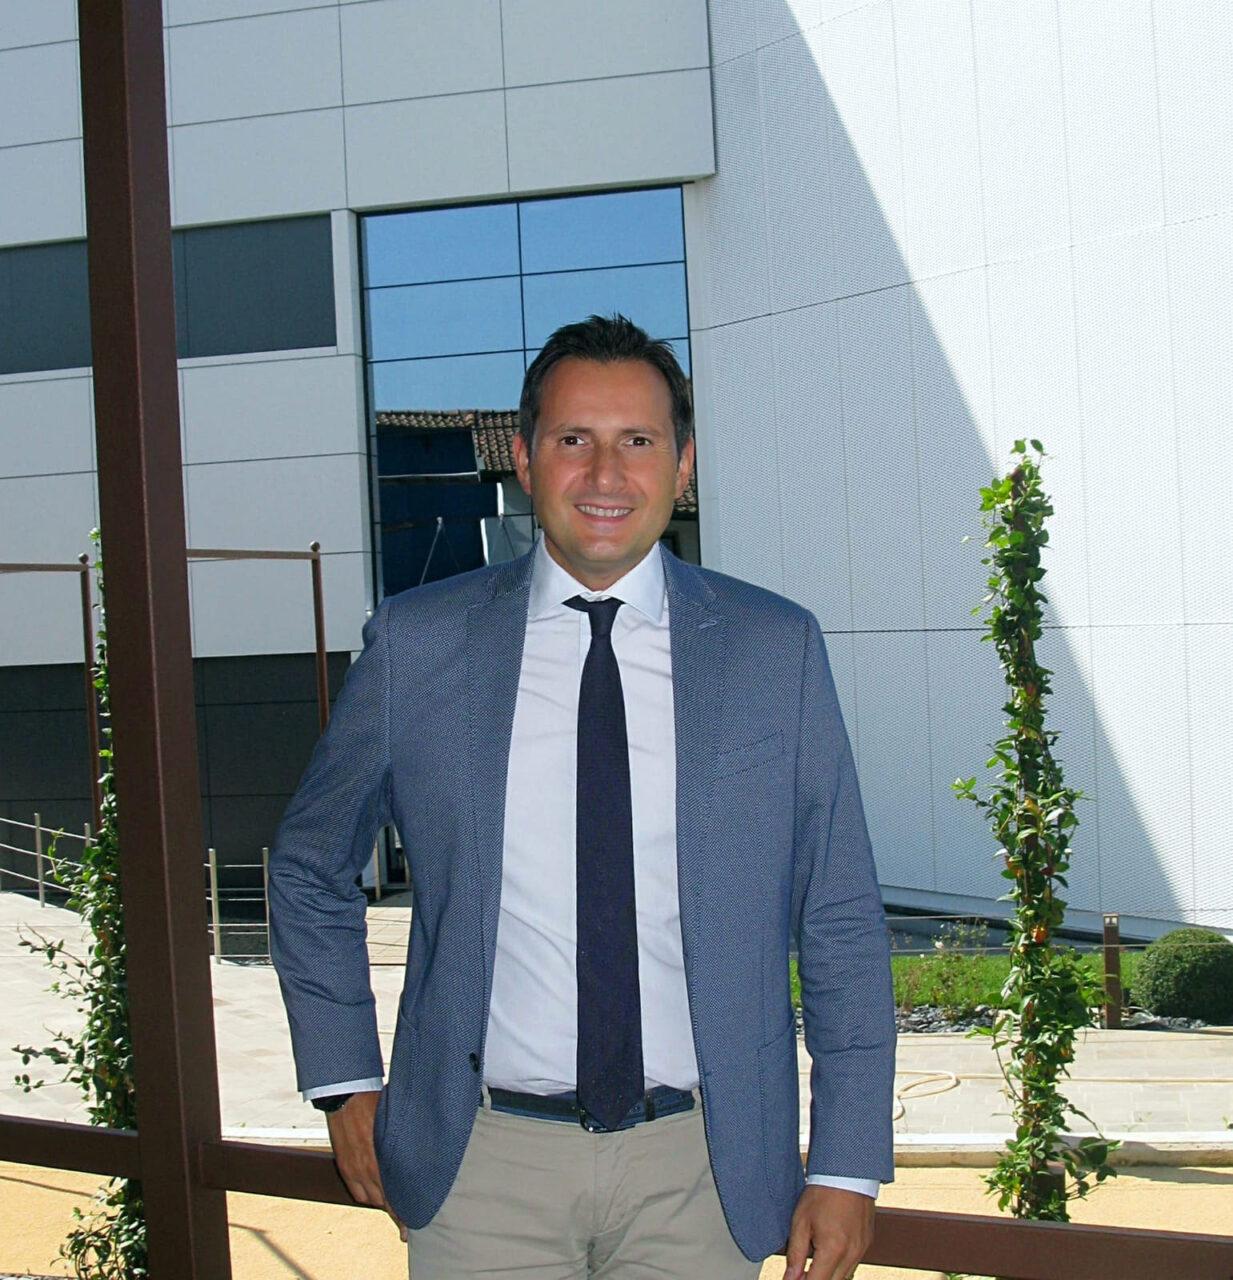 Maurizio Sartorato è il nuovo Amministratore Delegato di Bidachem